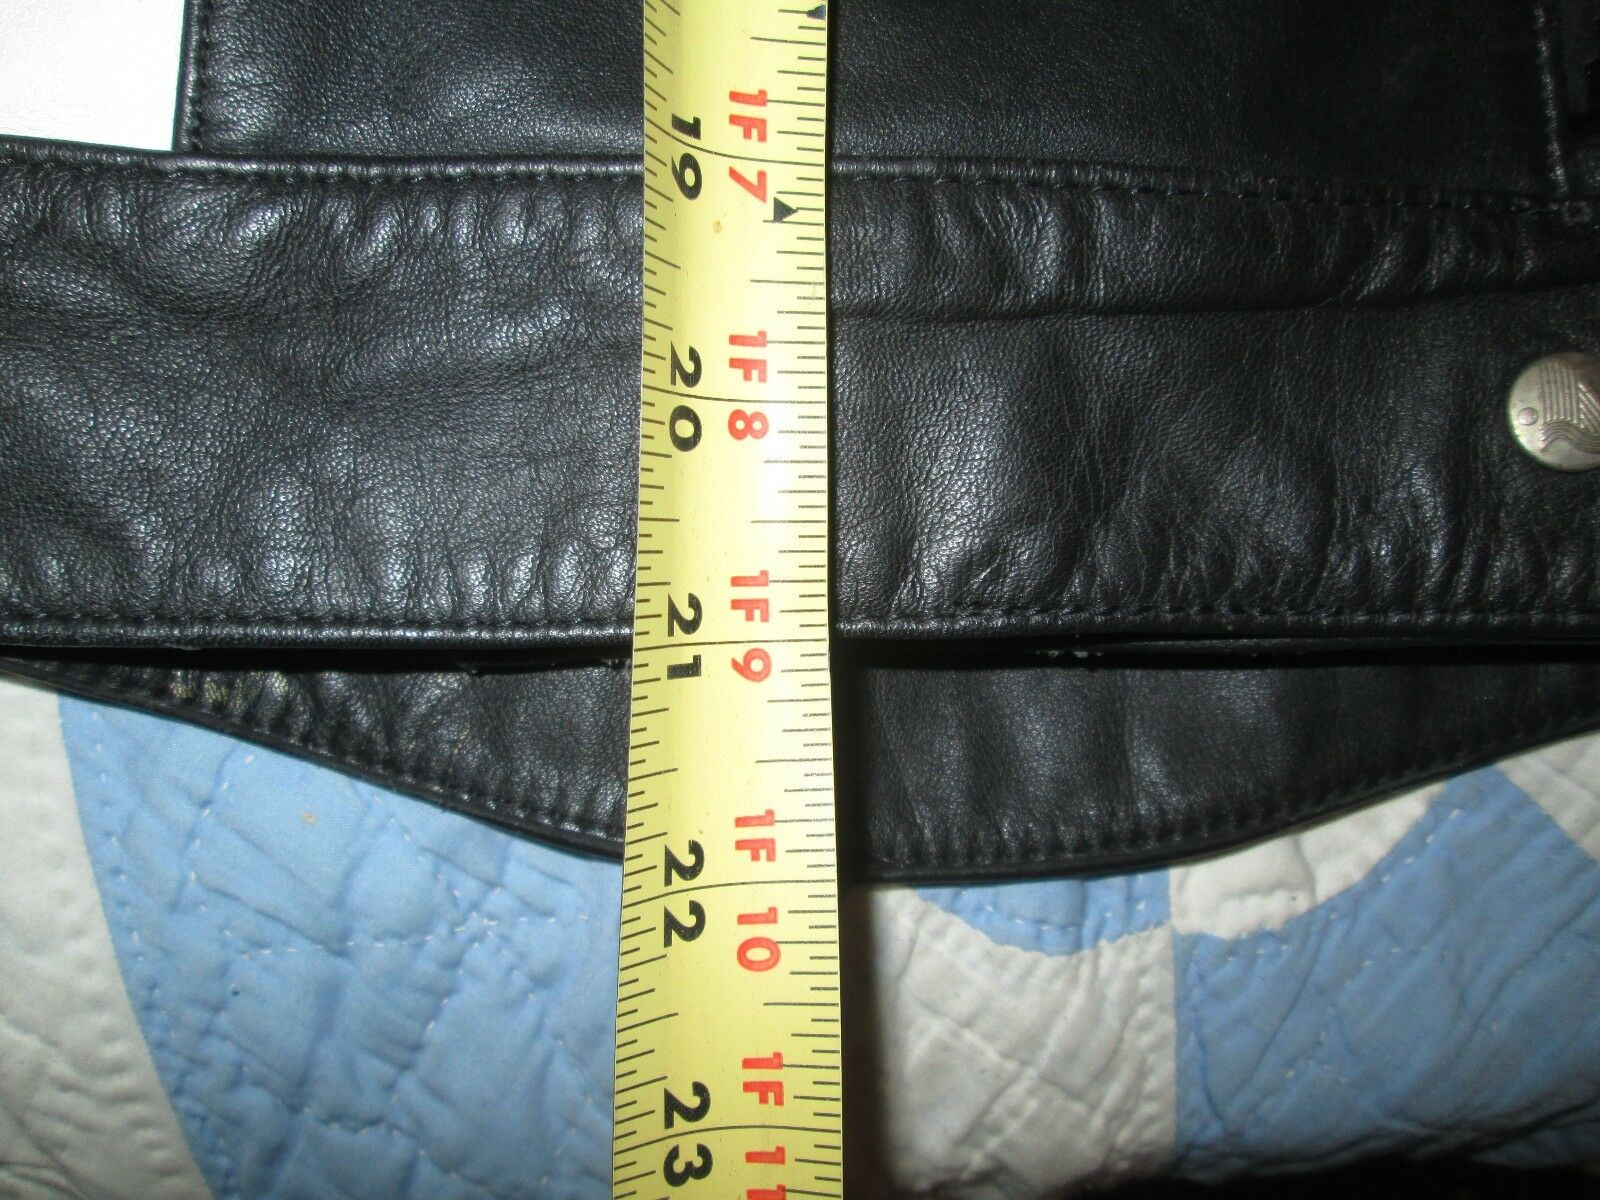 KRAWEHL Leder Chaqueta de cuero rojo y crema de de de paneles Strech lados Motocicleta D36 F38 40d231